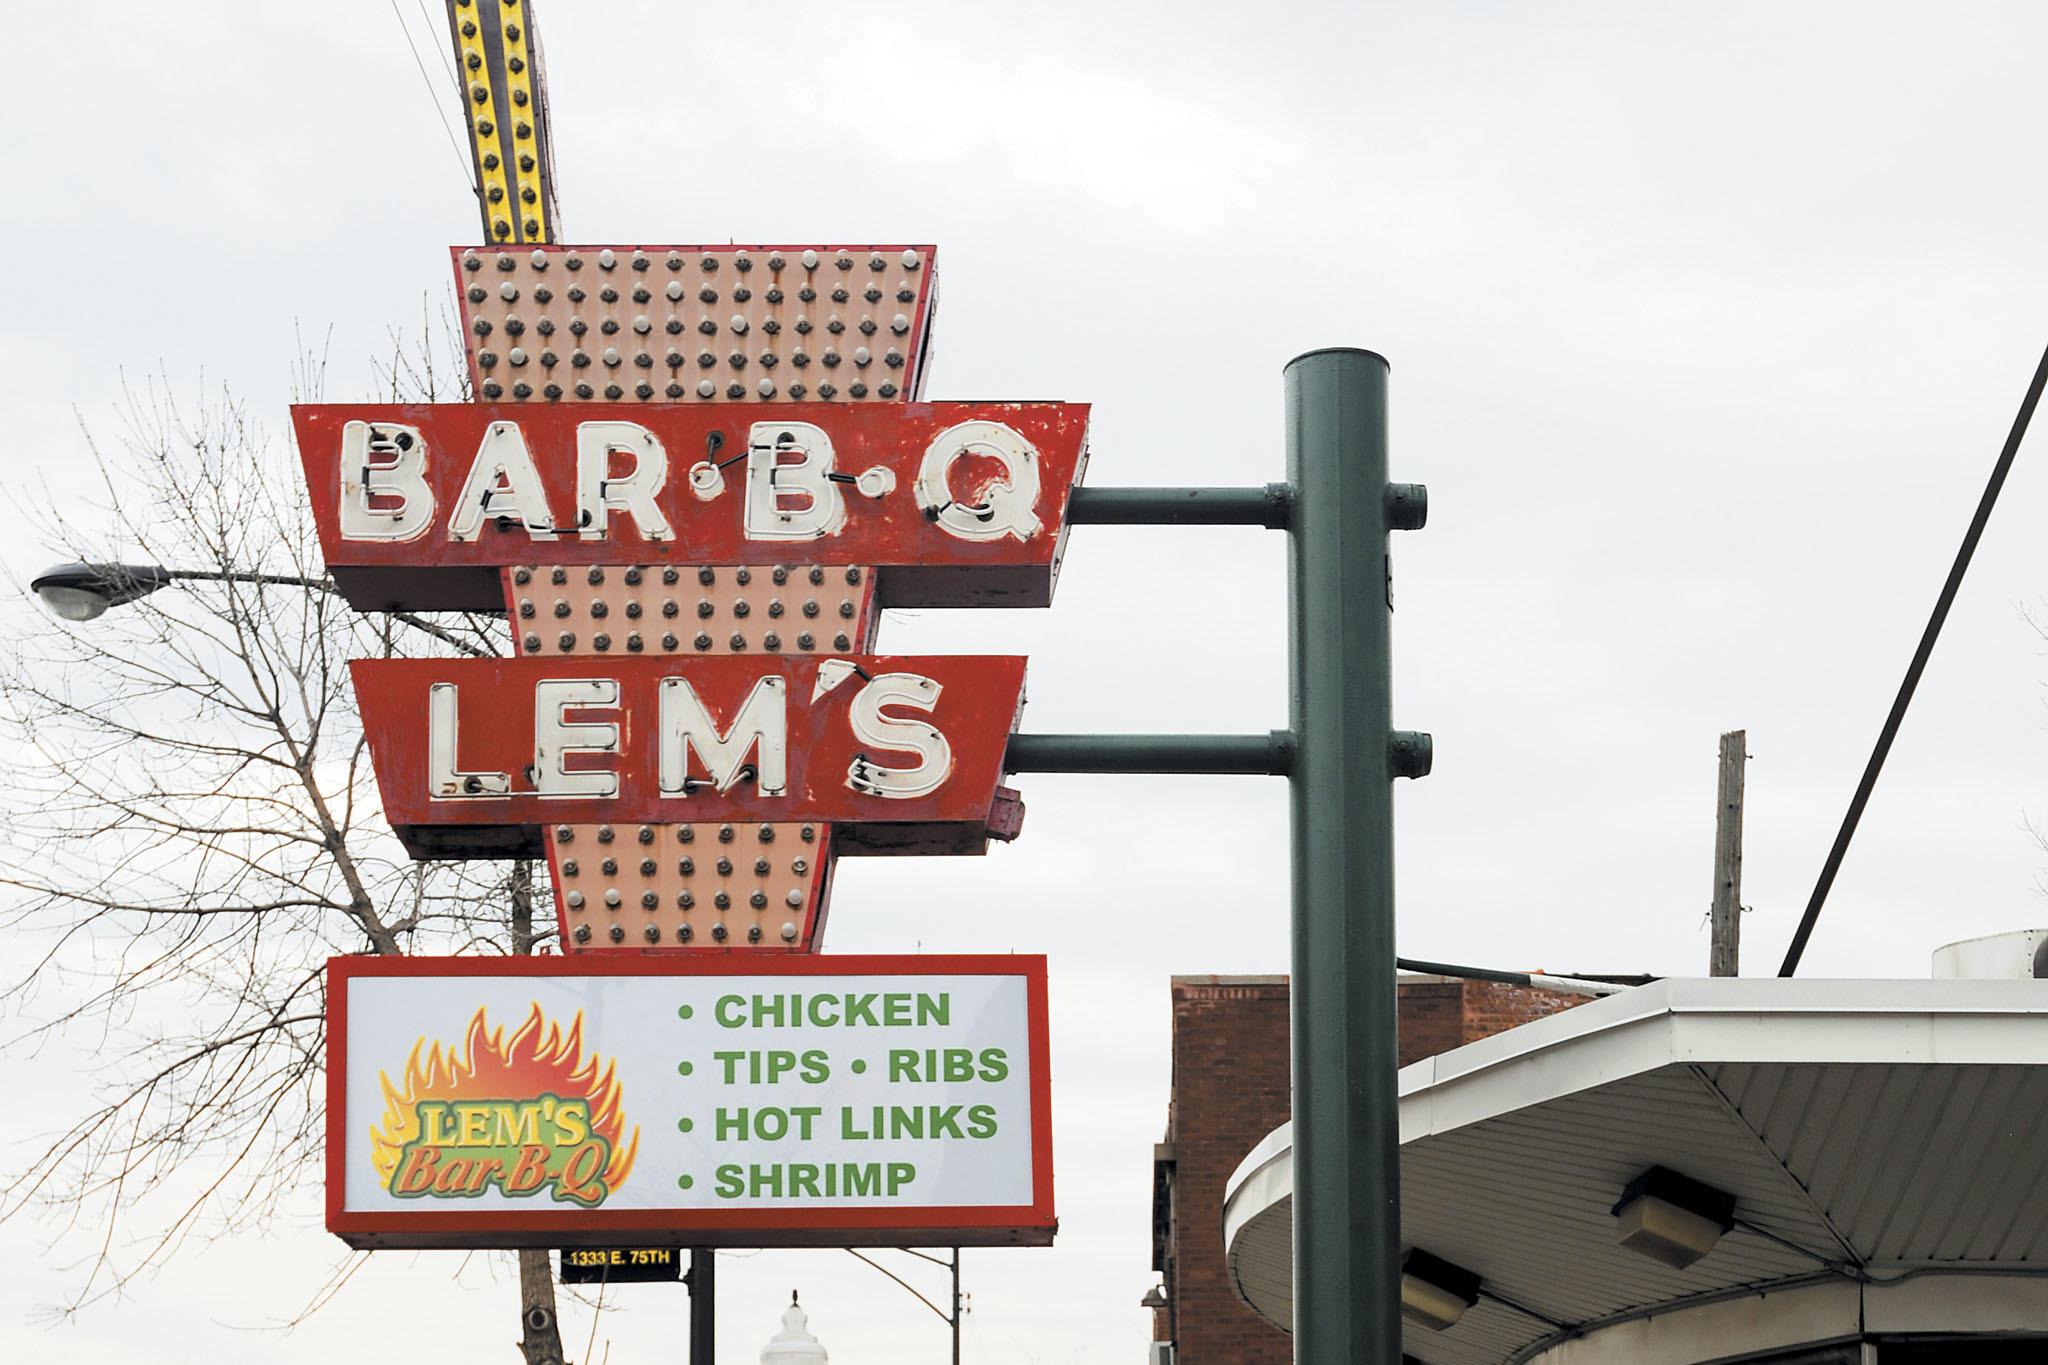 Lem's Bar-B-Q